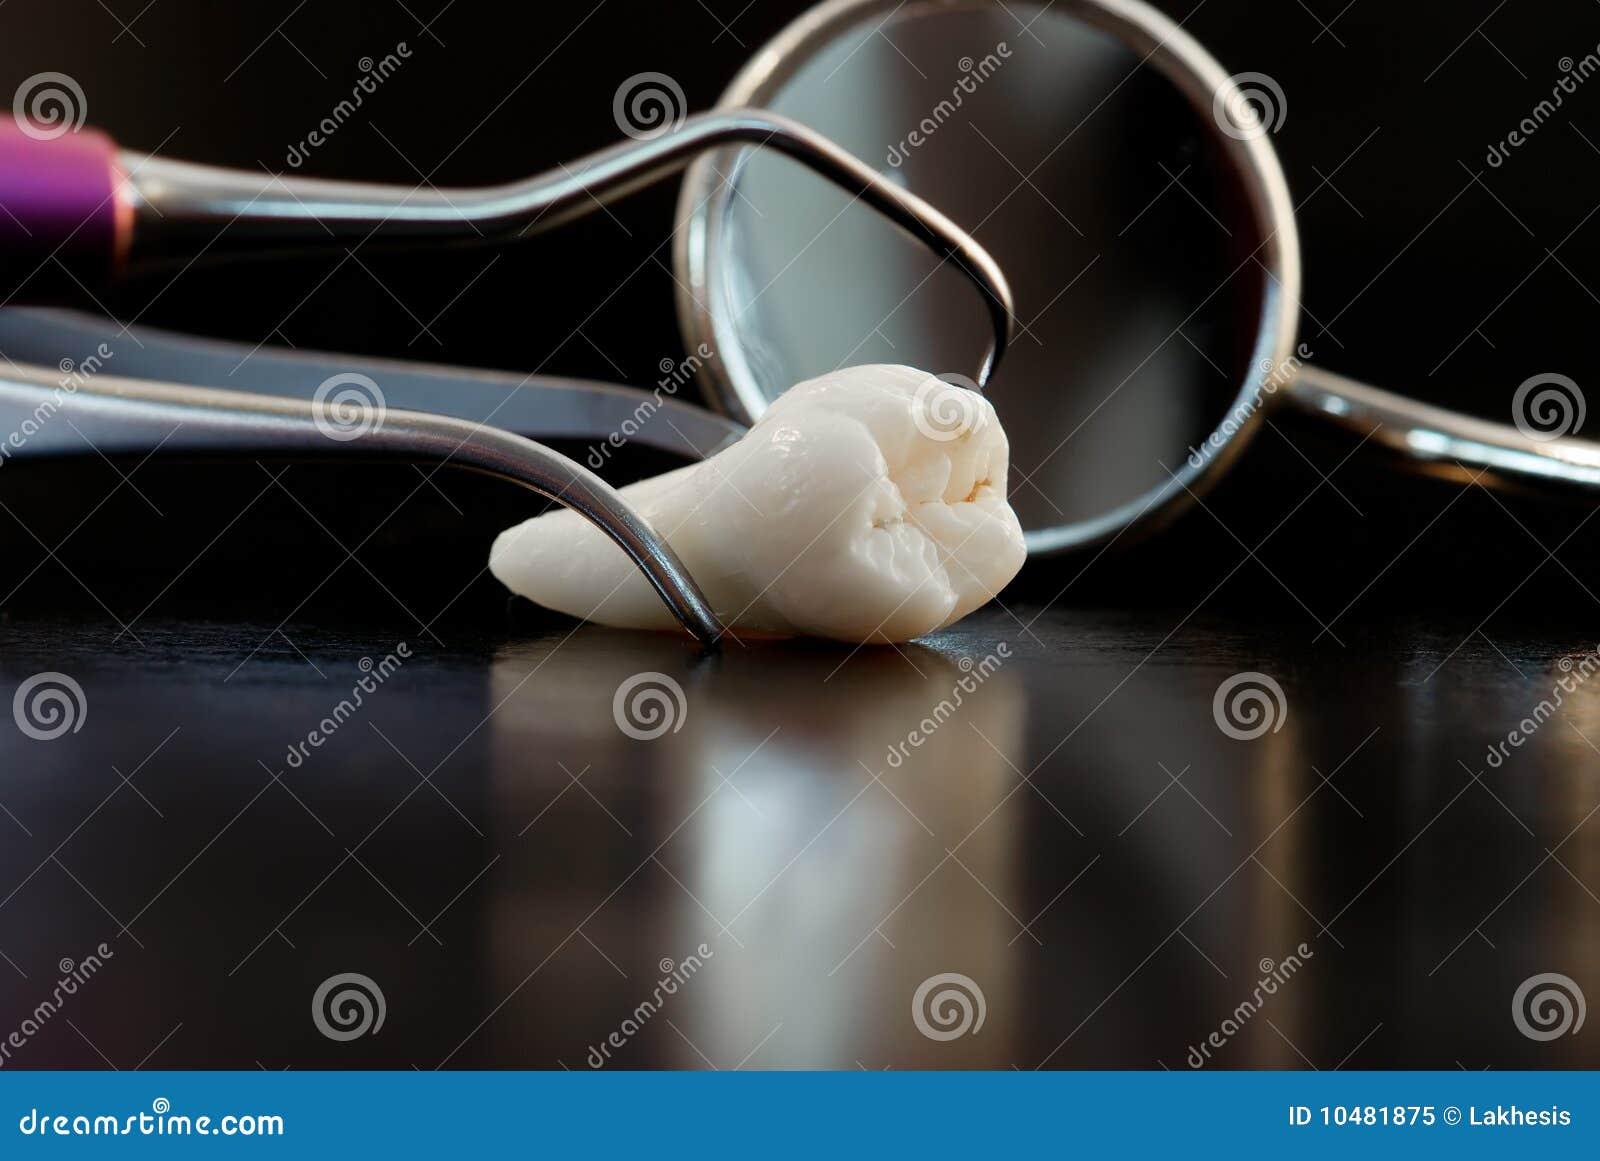 оборудует обработку зуба